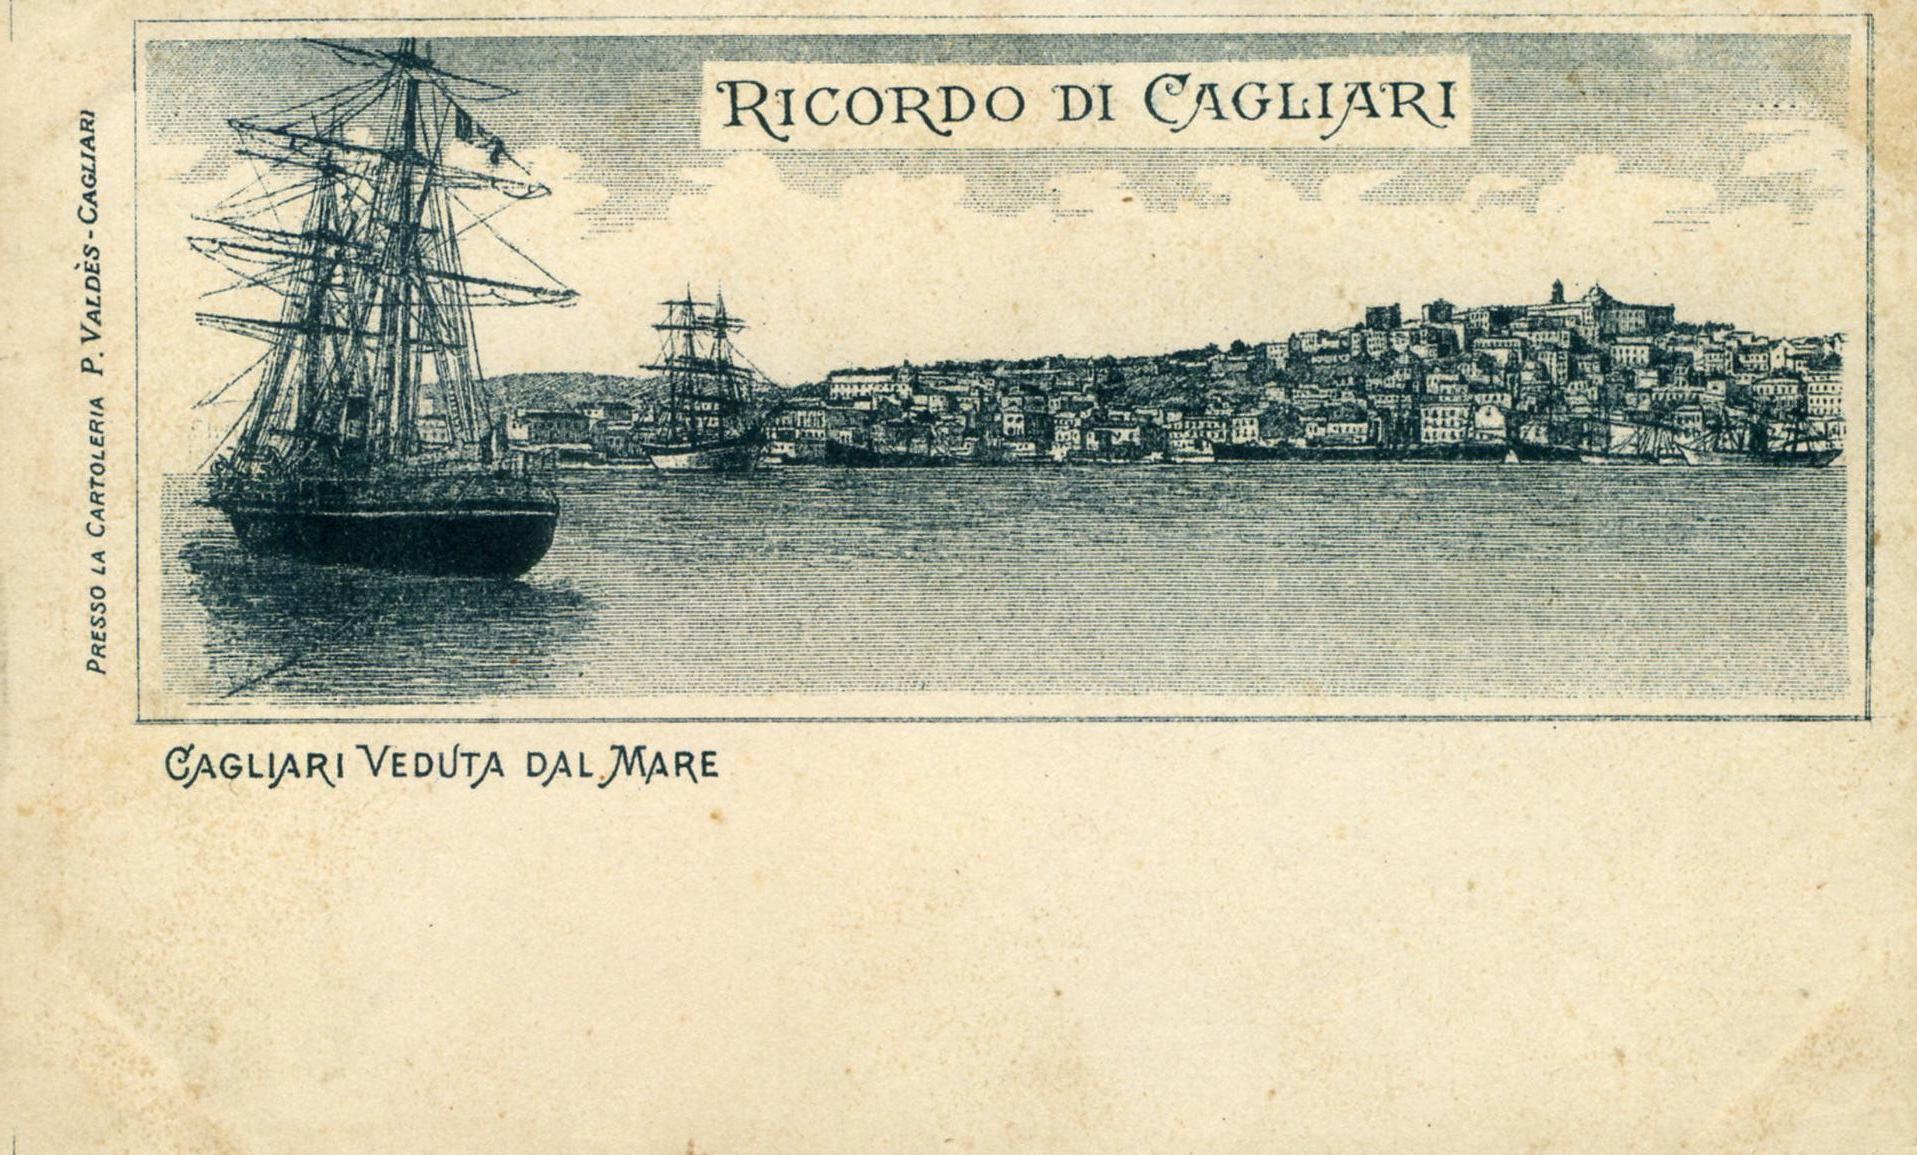 CAGLIARI - Veduta dal mare